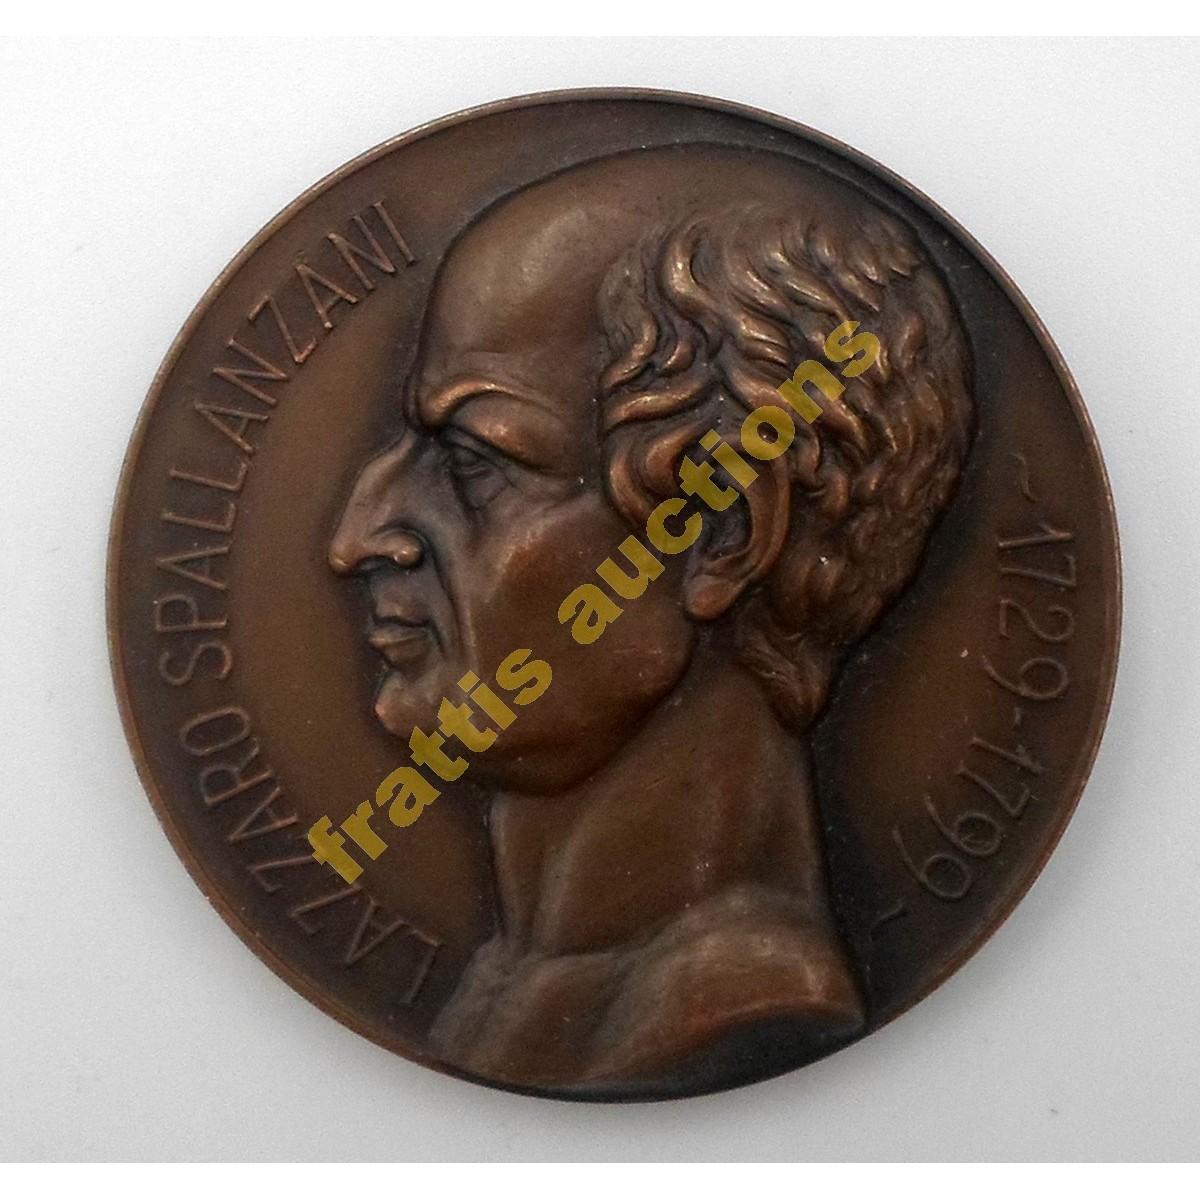 Lazzaro Spallanzani (1729-1799). Μετάλλιο 1932 για το XIV Διεθνές Συνέδριο Φυσιολογίας.